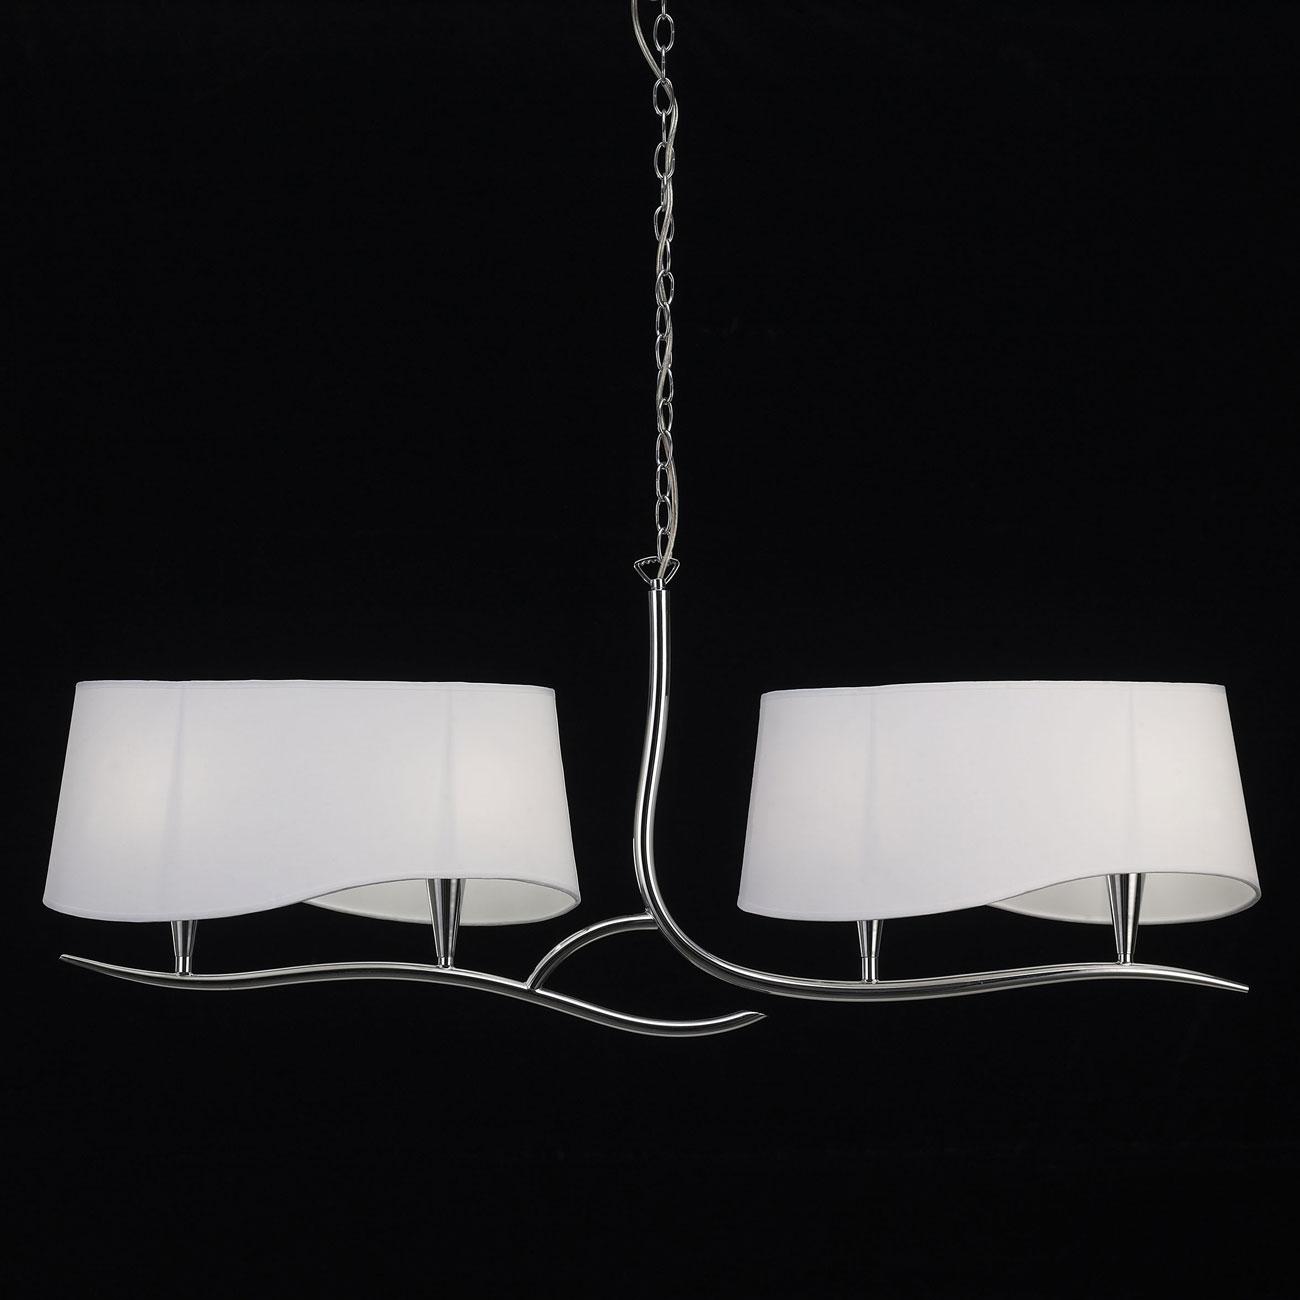 Ninette Lámpara Lineal 4L 4 x 20w E14 Cromo pantalla blanca